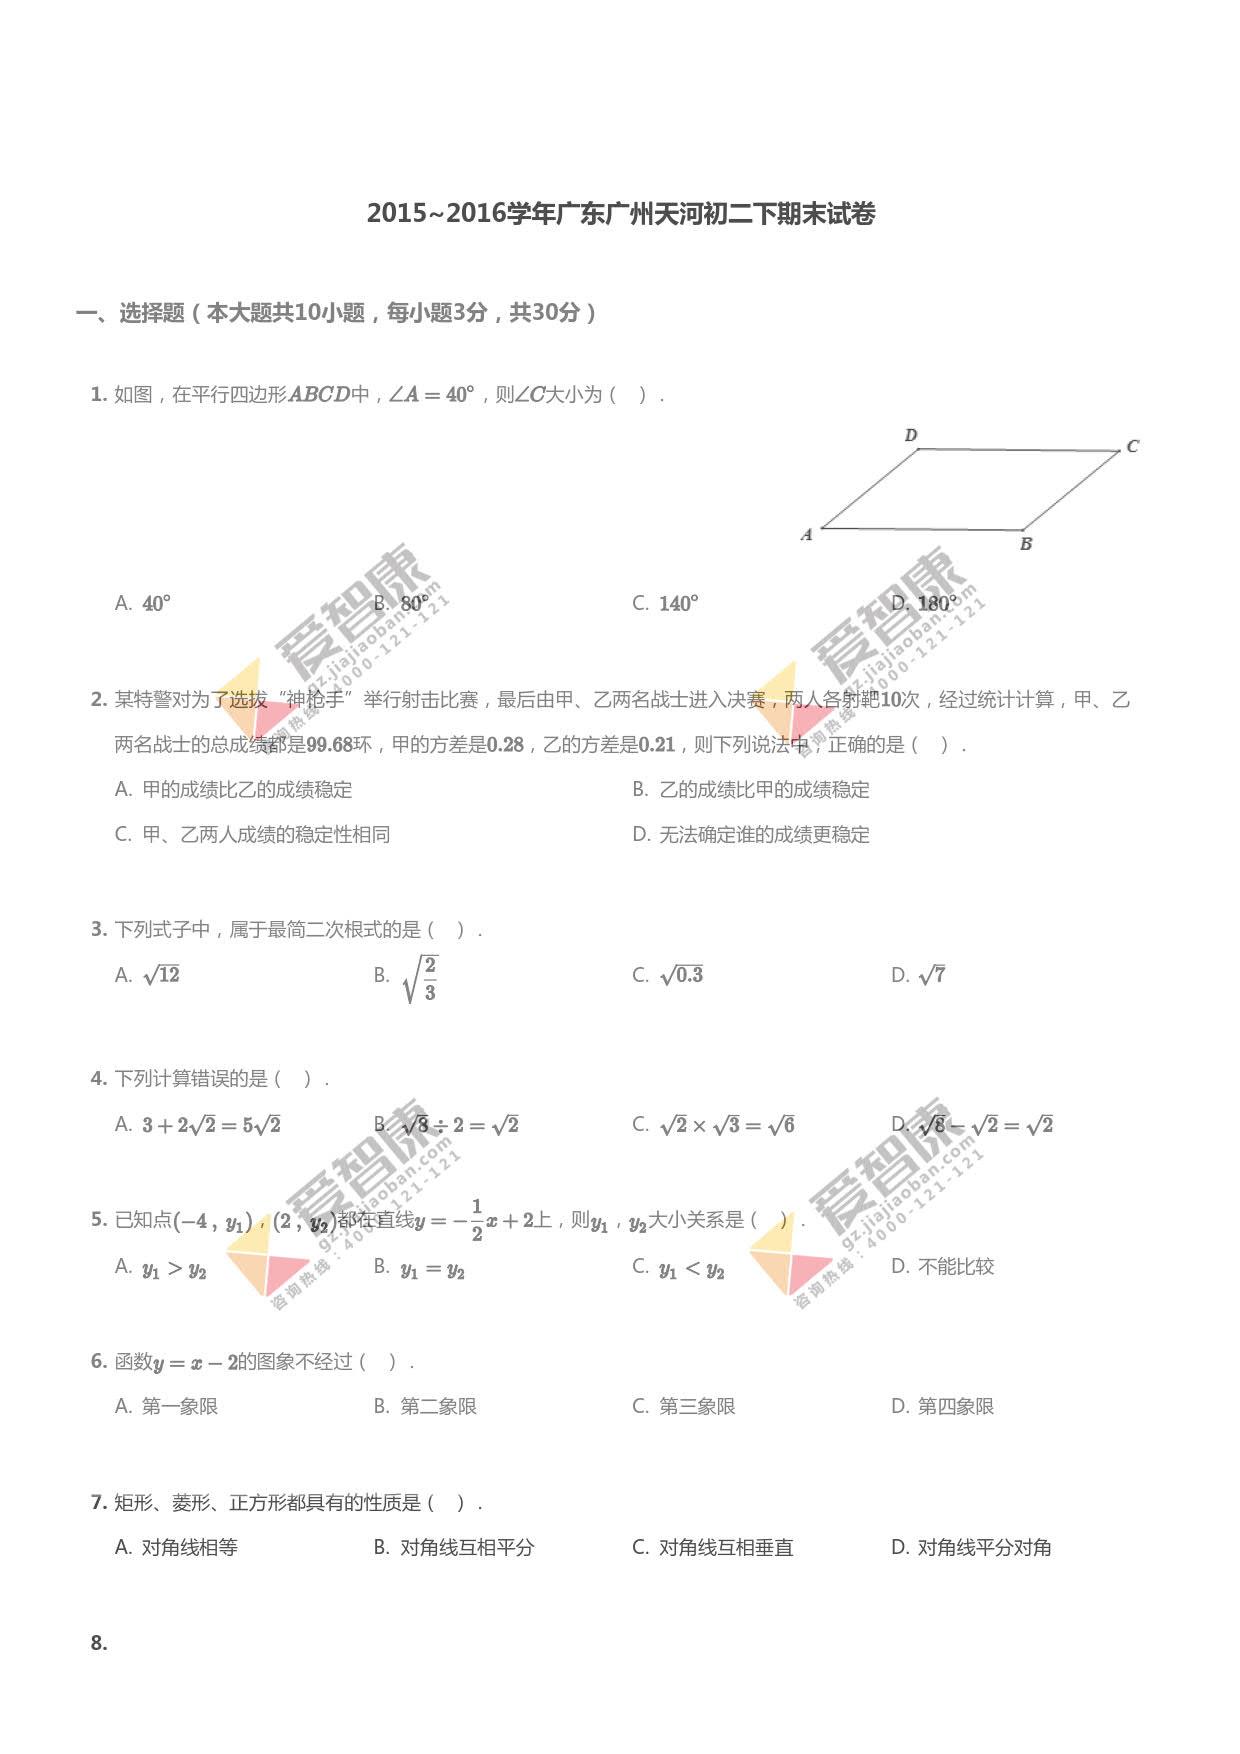 2016-2017学年广州市天河区初二下学期期末数学试卷及答案